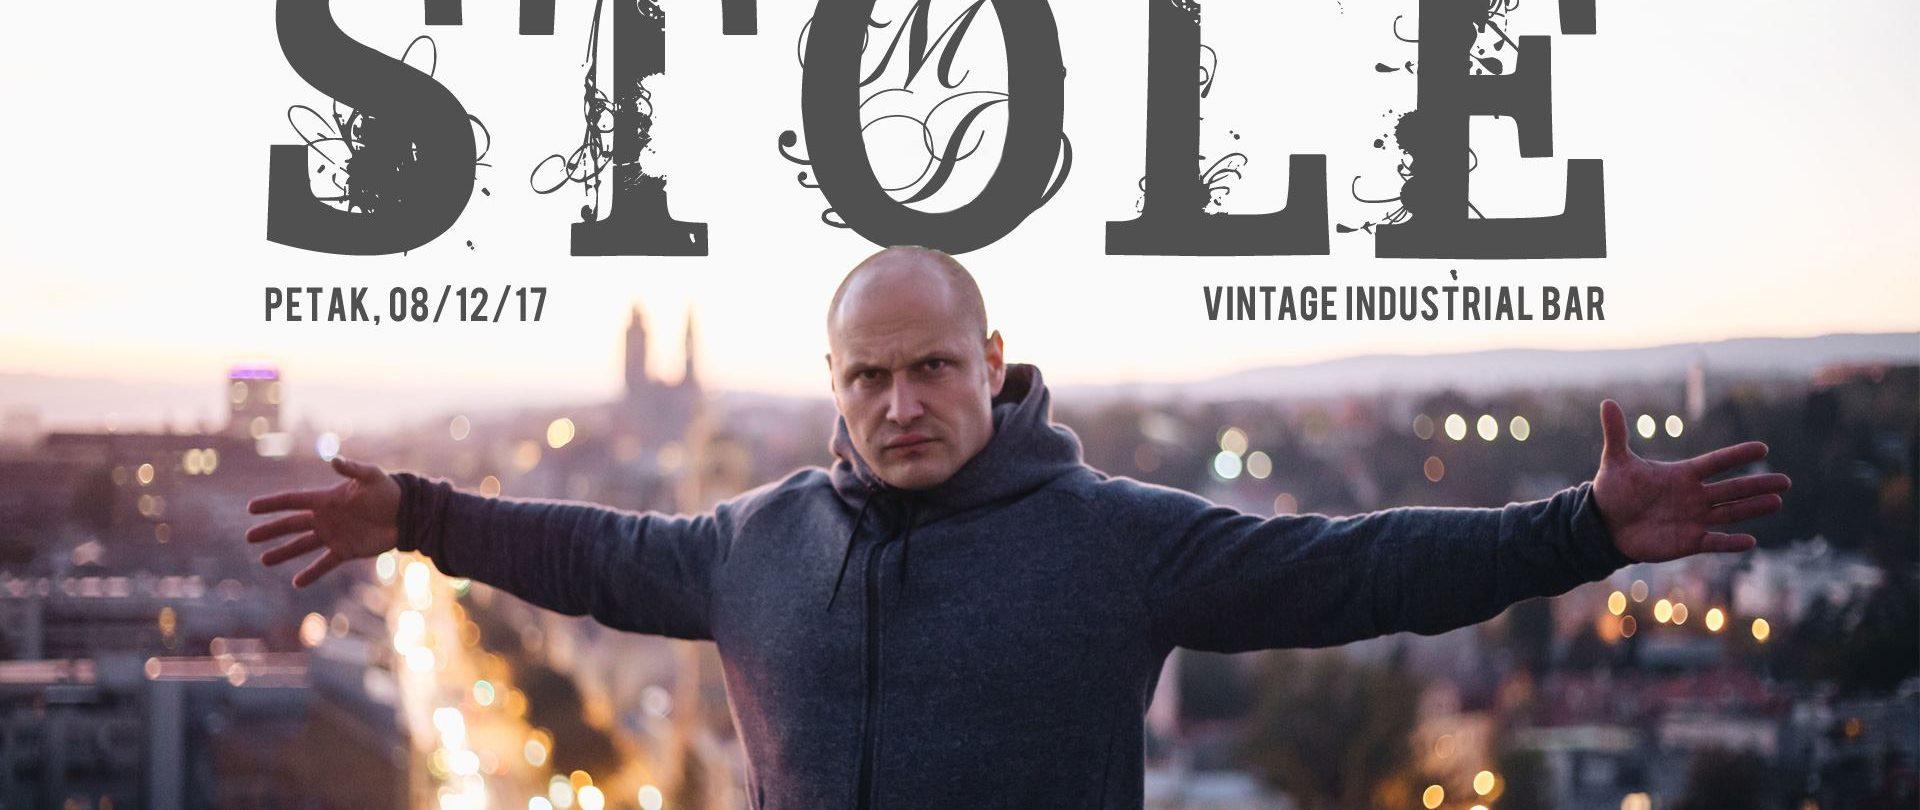 VINTAGE INDUSTRIAL Marin Ivanović Stoka najavljuje izlazak novog albuma